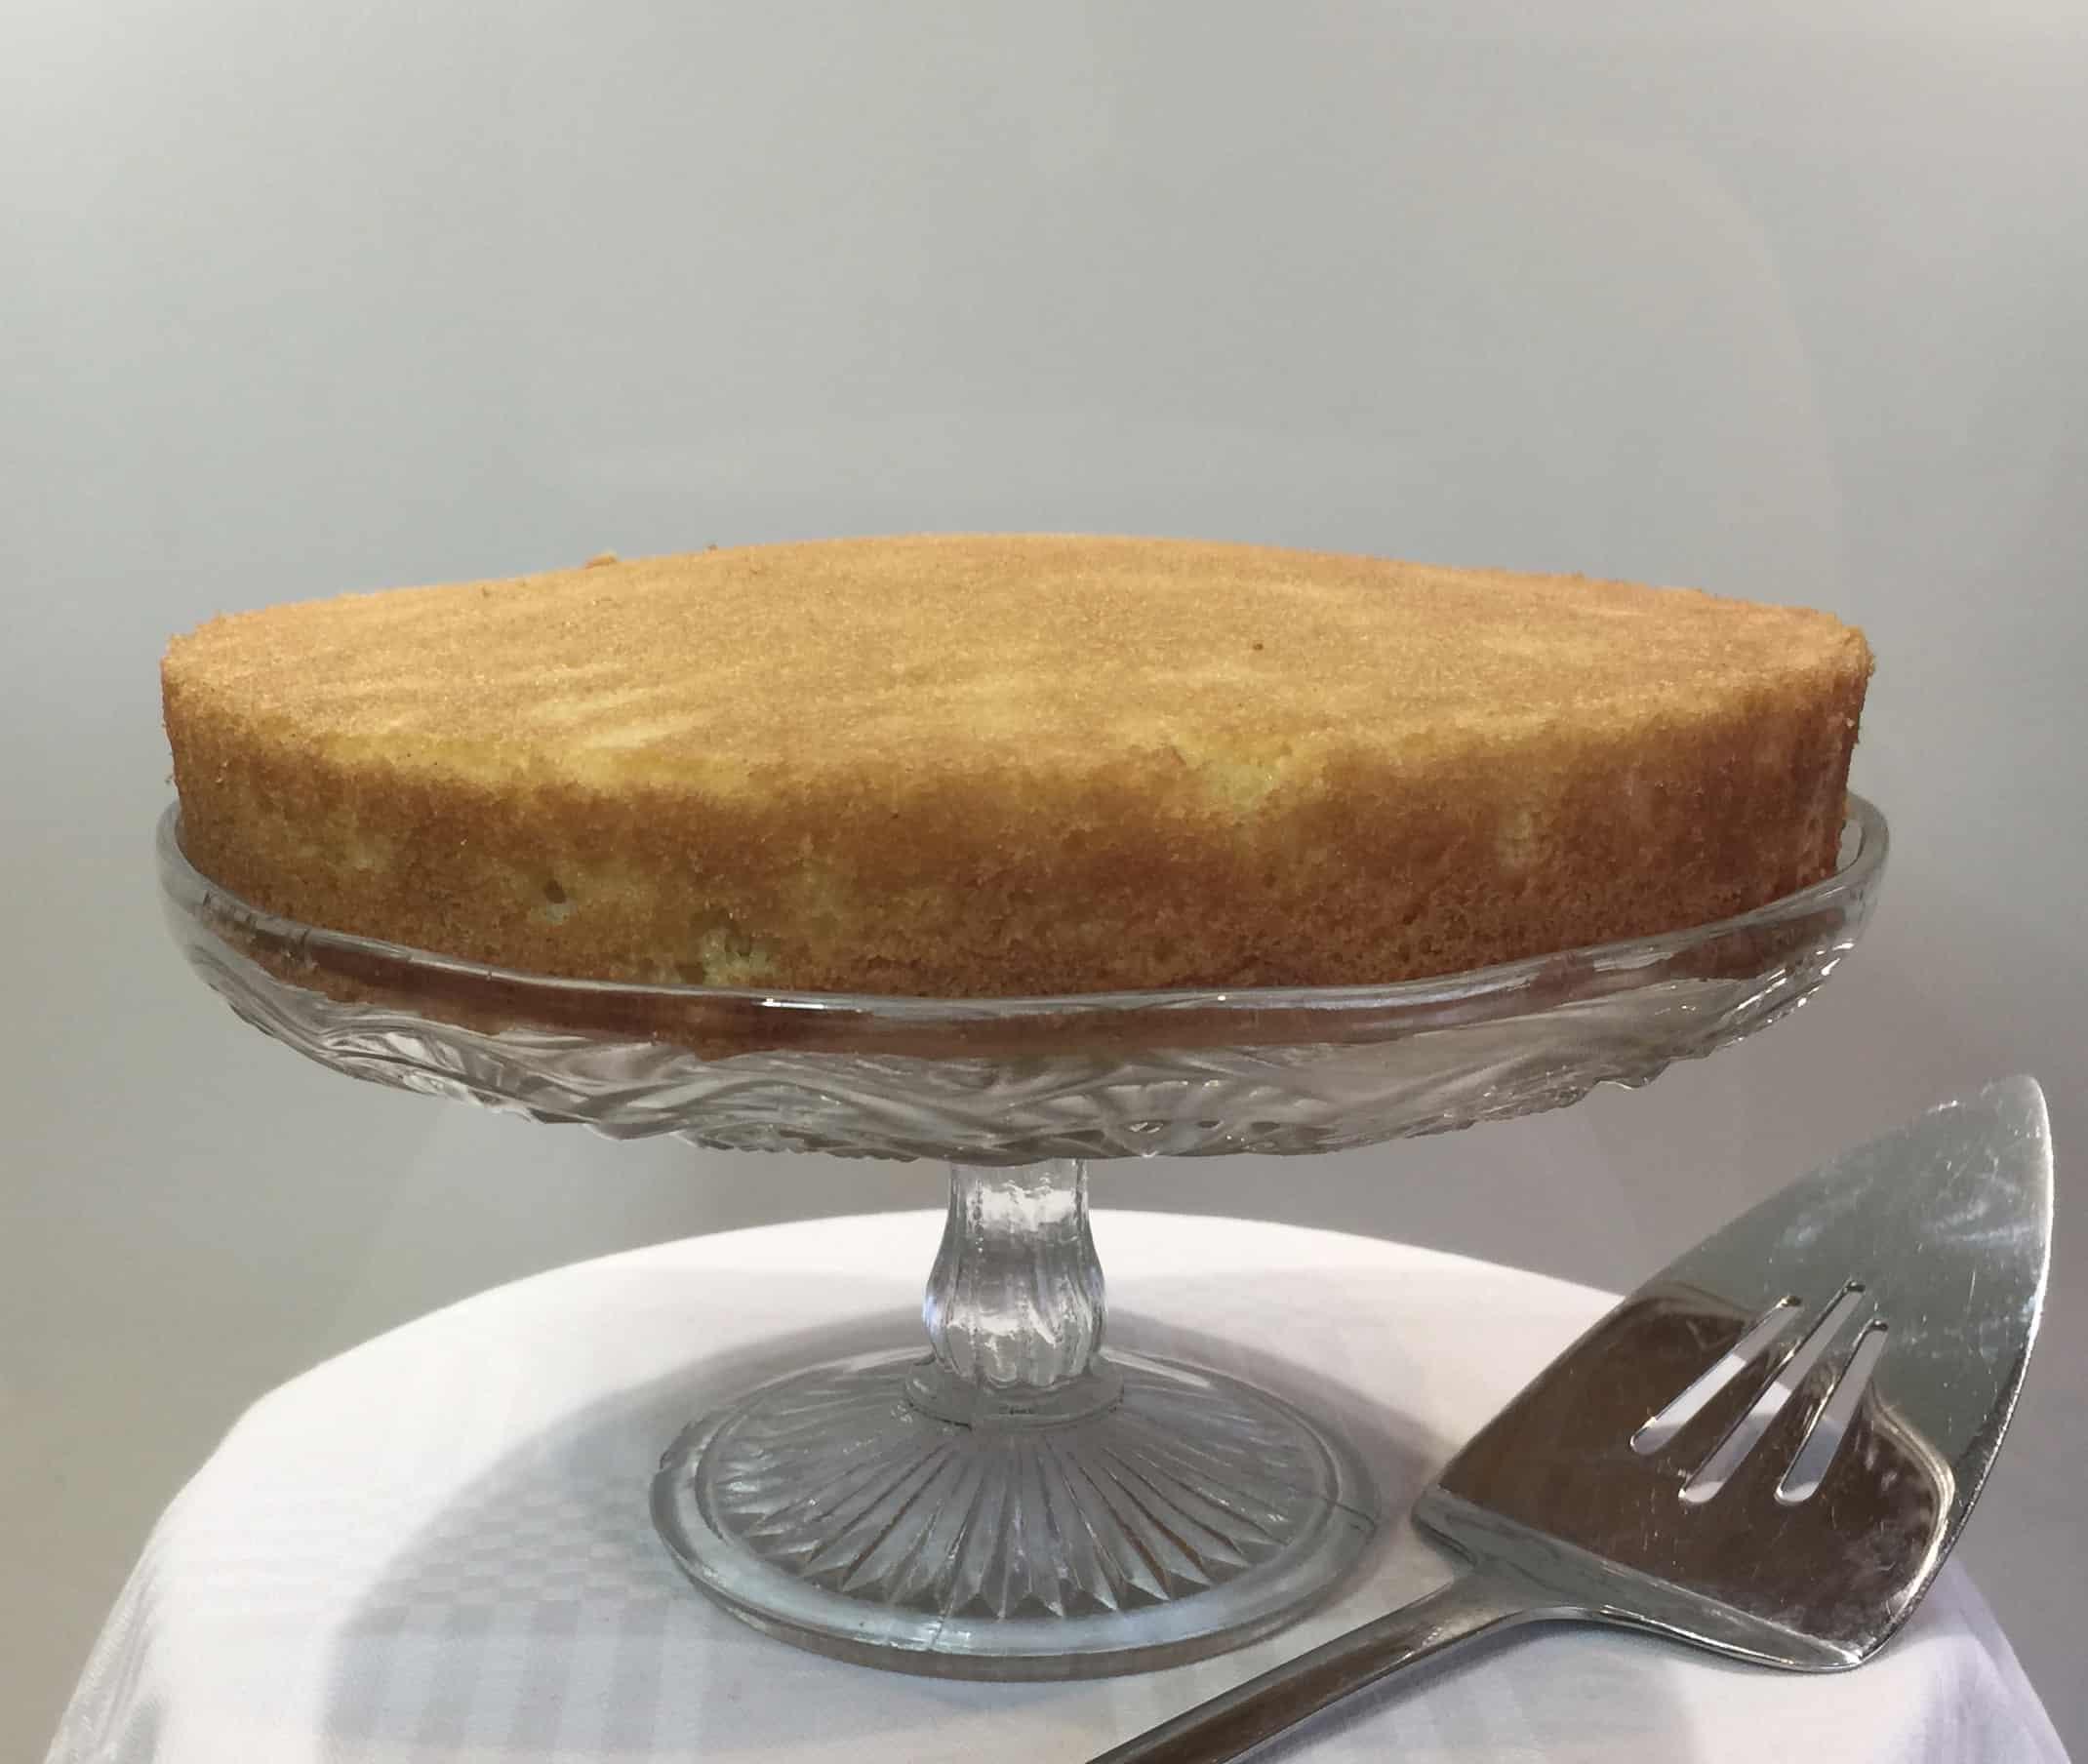 vanilla sponge cake on a cake stand